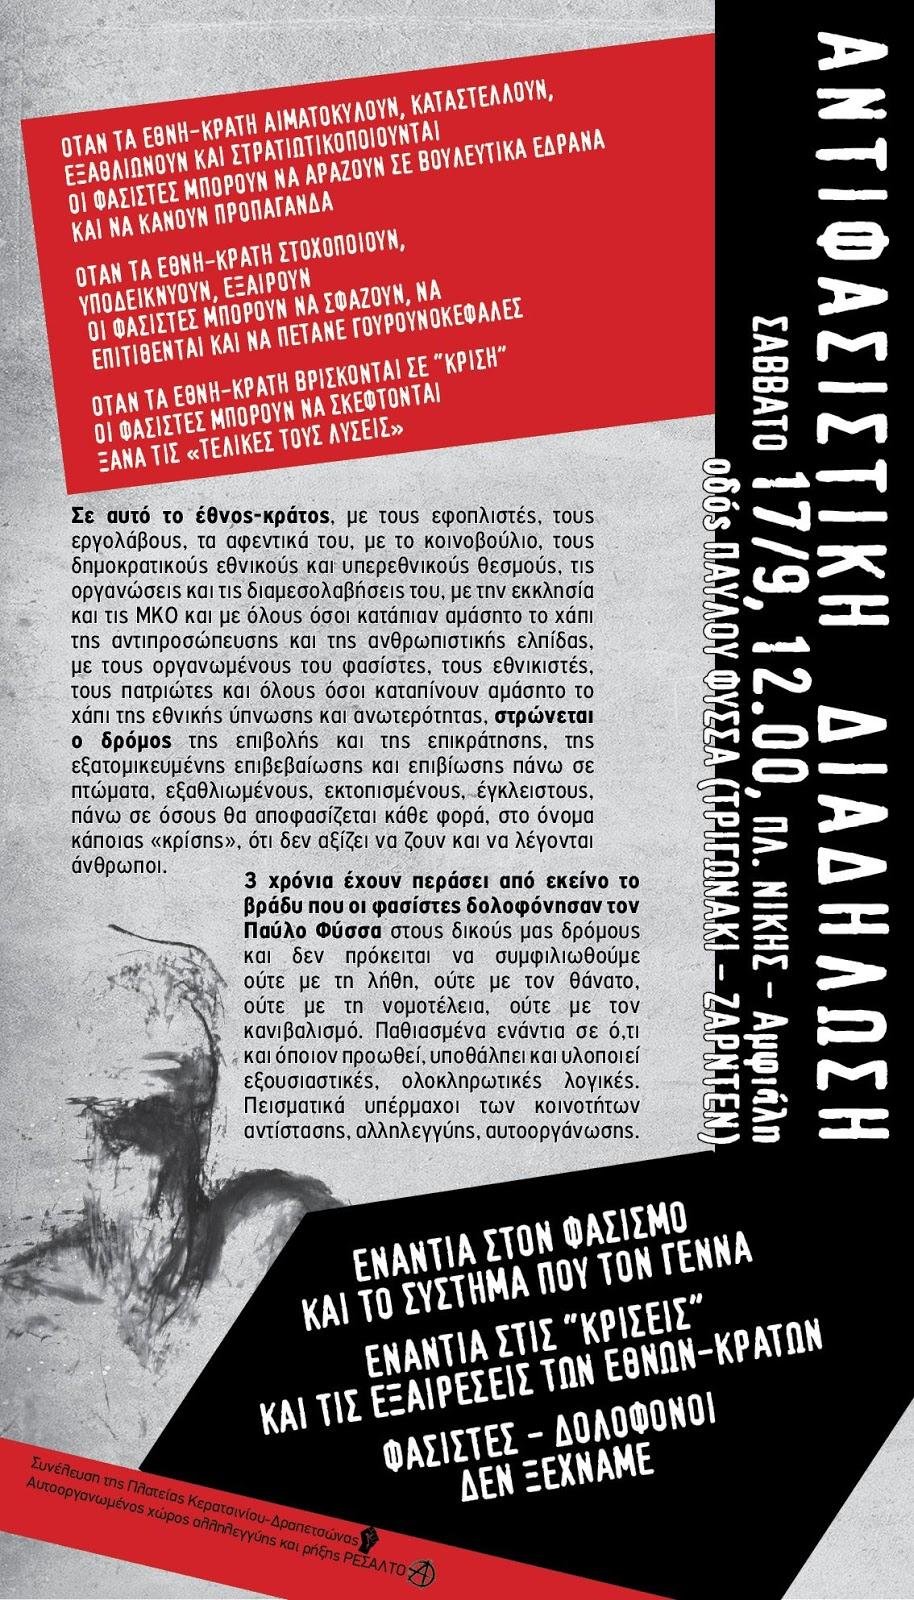 Αντιφασιστική Διαδήλωση με αφορμή τα 3 χρόνια από τη δολοφονία του Παύλου Φύσσα